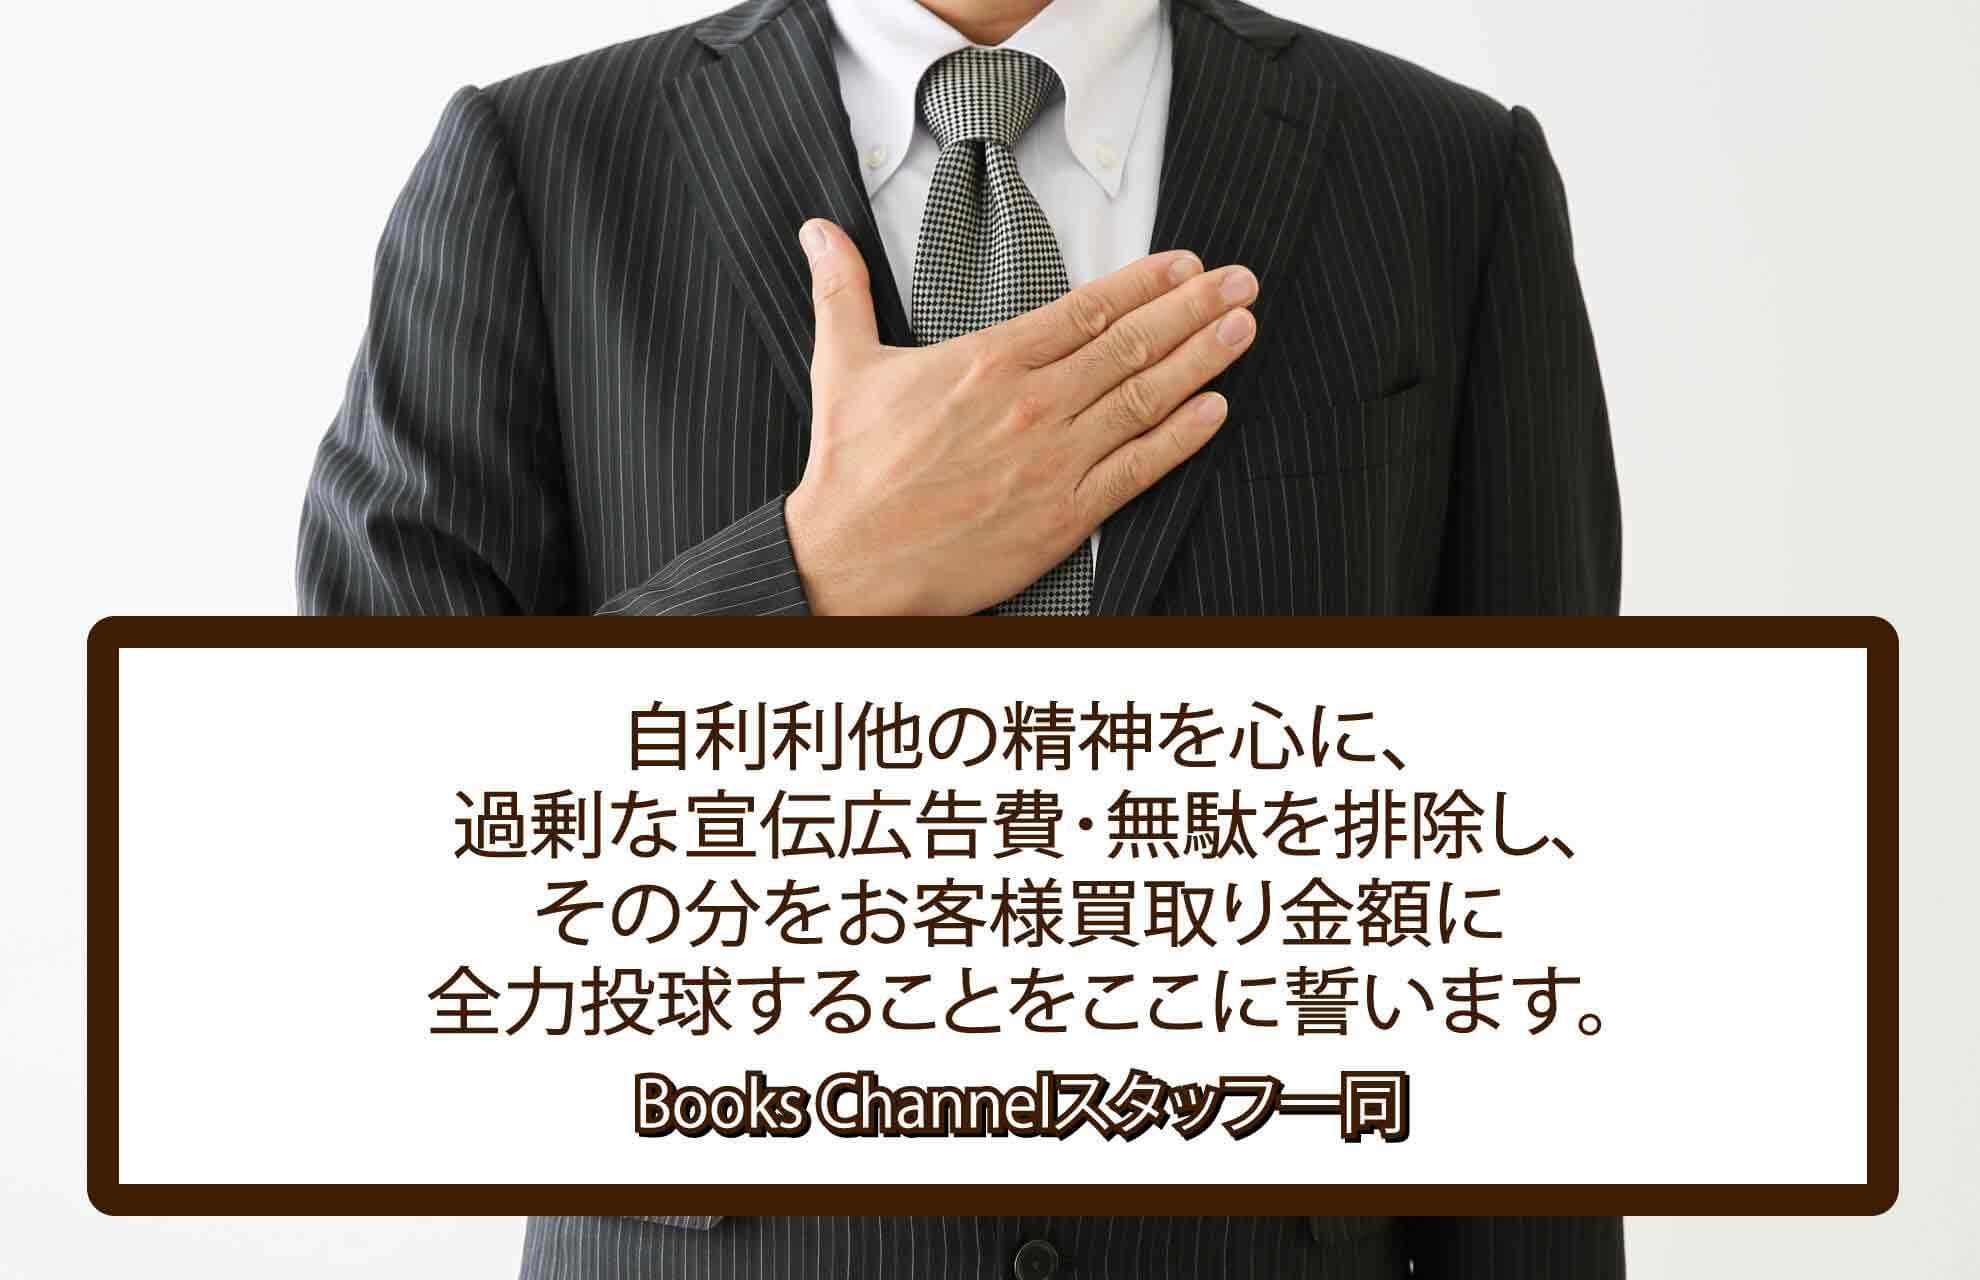 八尾市古本買取|LP買取他:出張買取Form の宣言画像